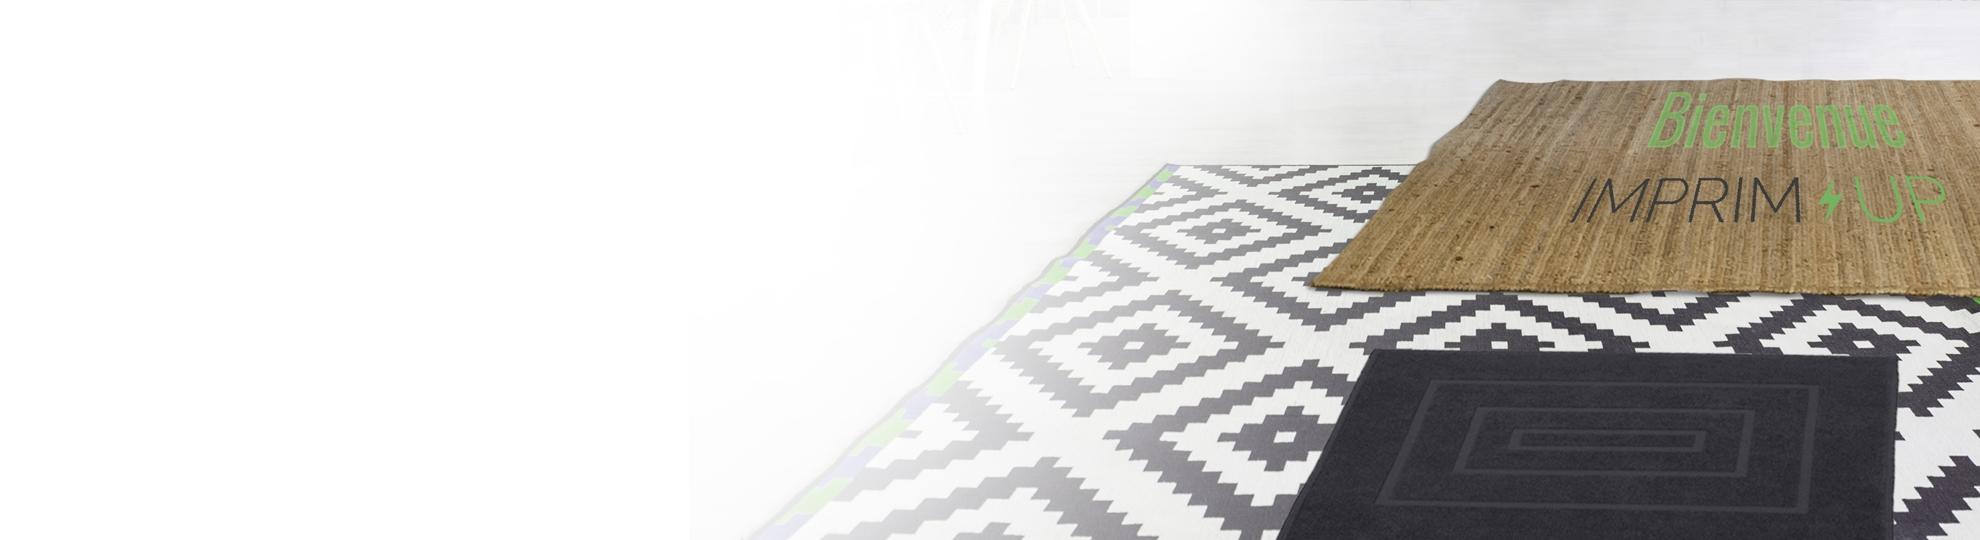 Imprimer tapis de sol personnalisable